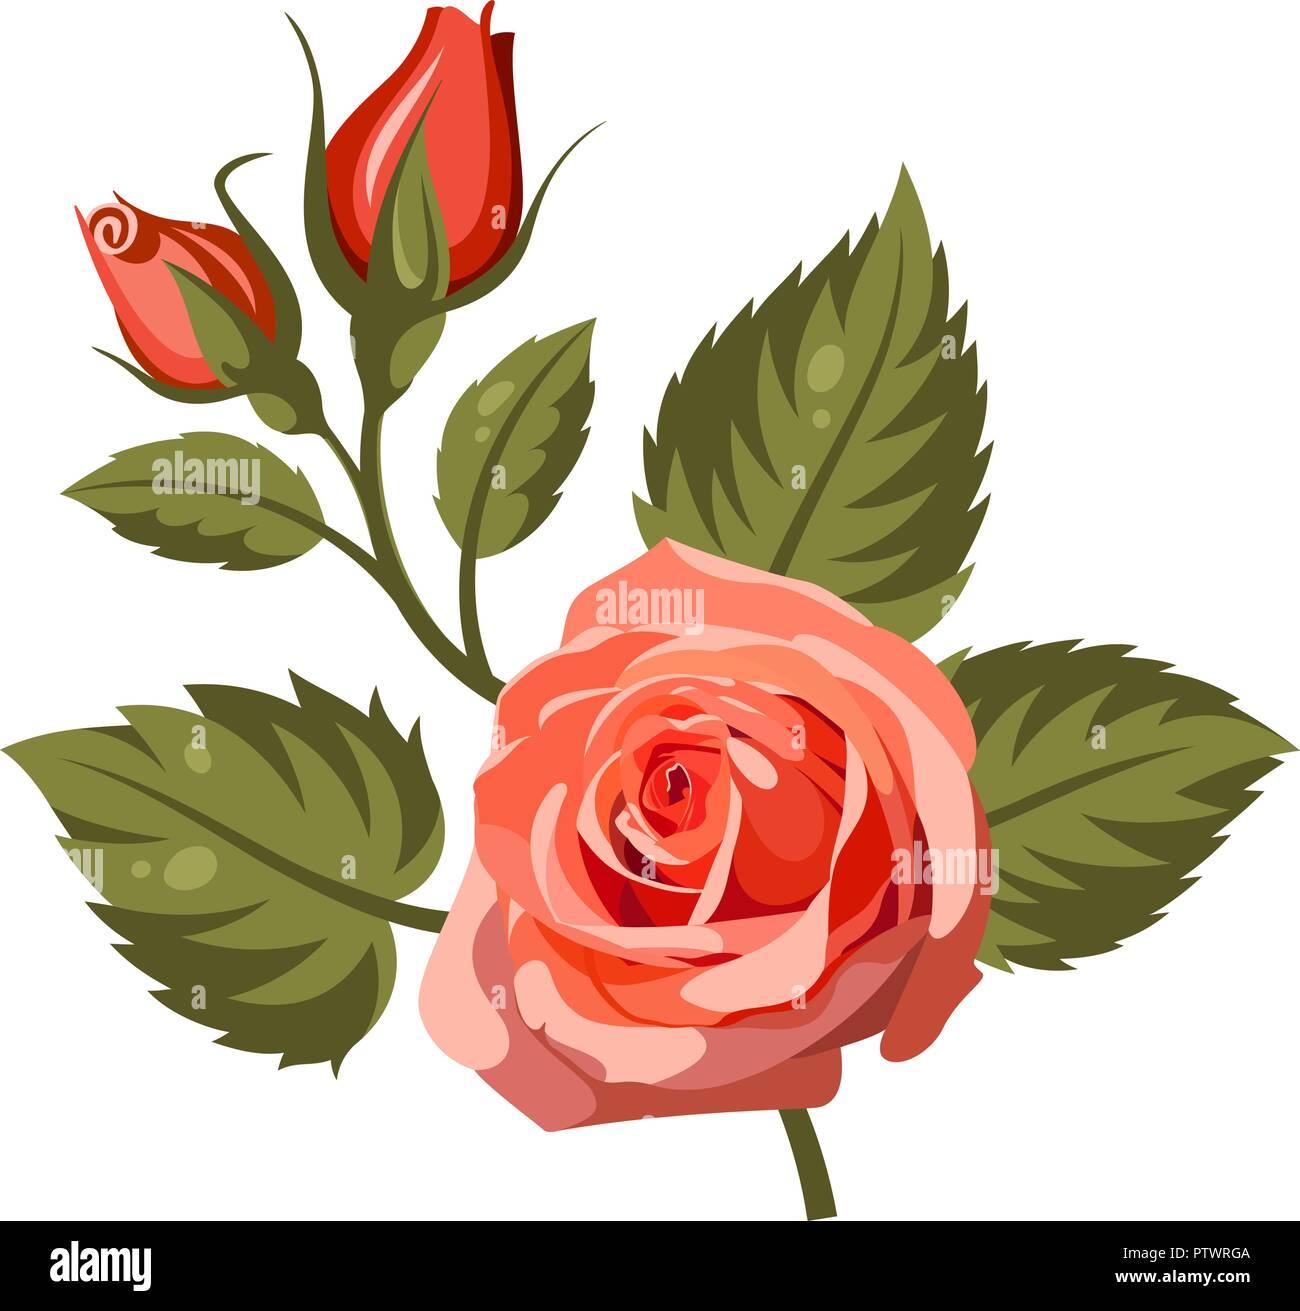 Illustrazione Vettoriale Di Rose Rosse Isolato Su Sfondo Bianco